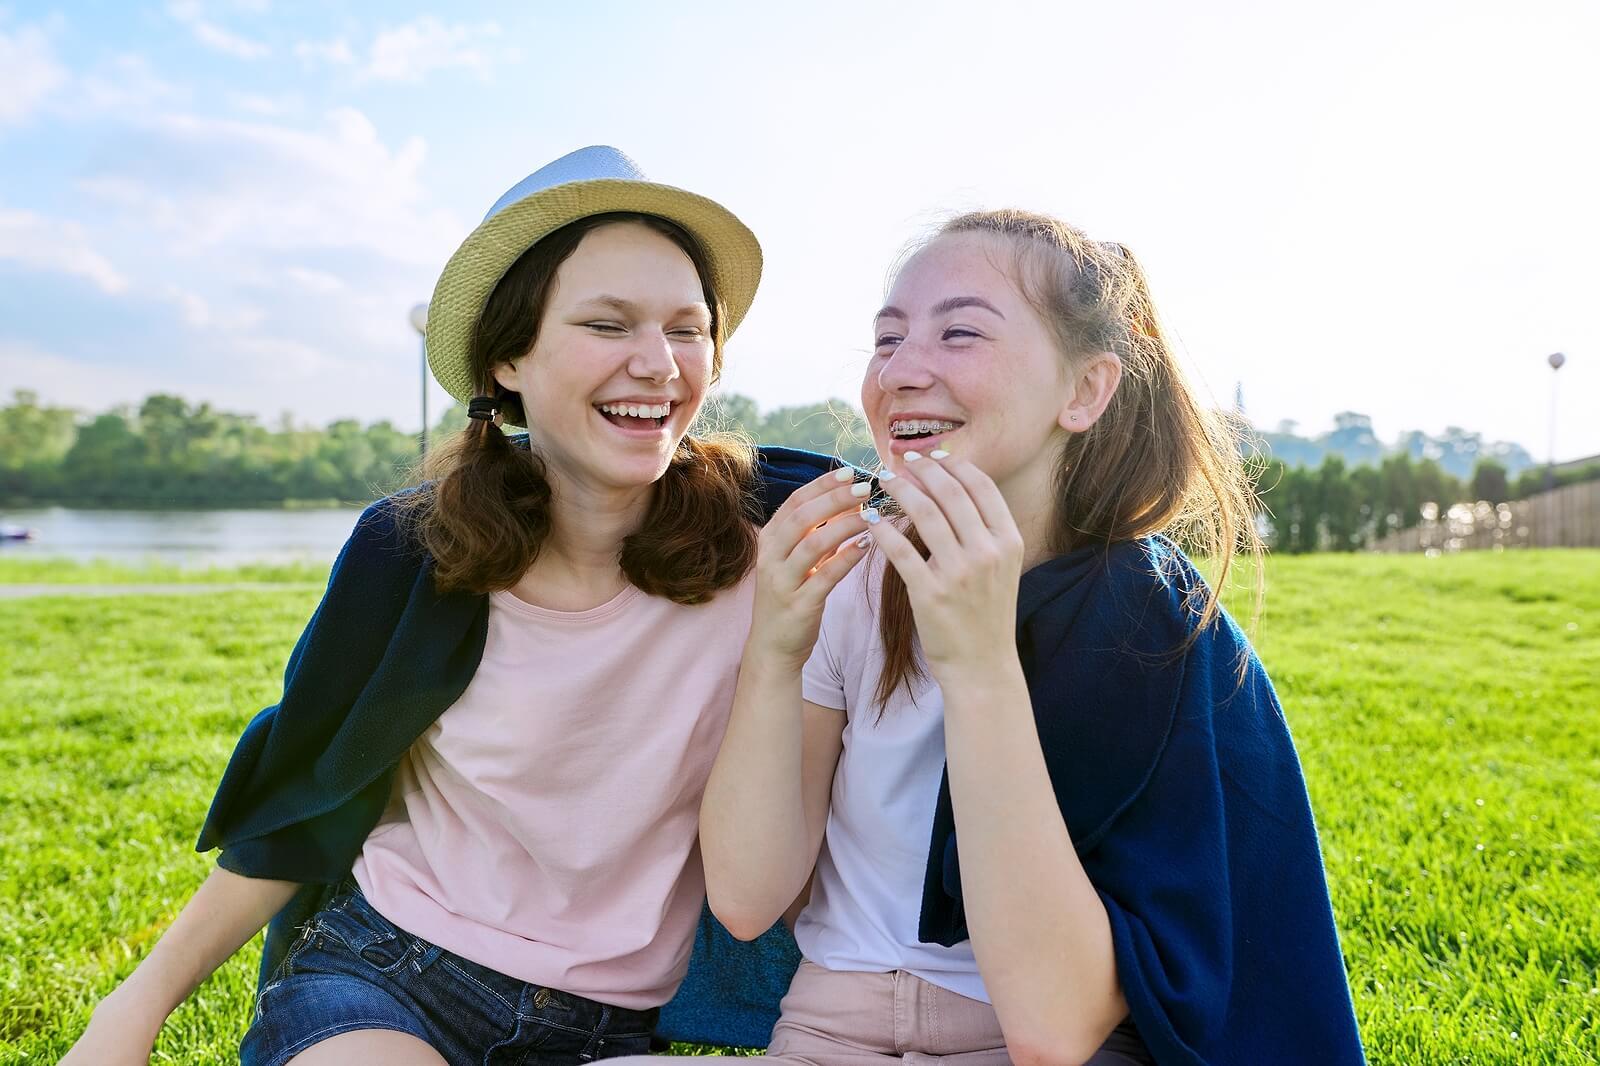 Amigas adolescentes hablando sobre su futuro.